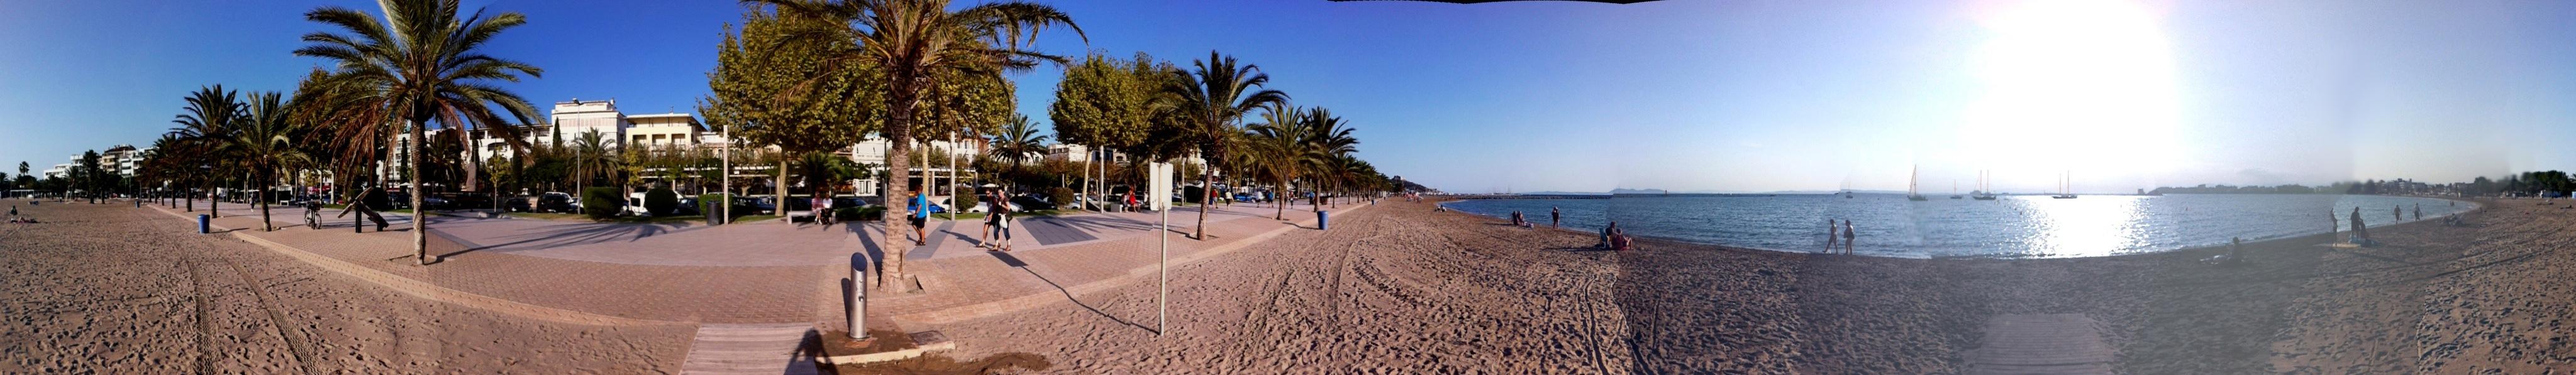 pano-rosas-beach.jpg